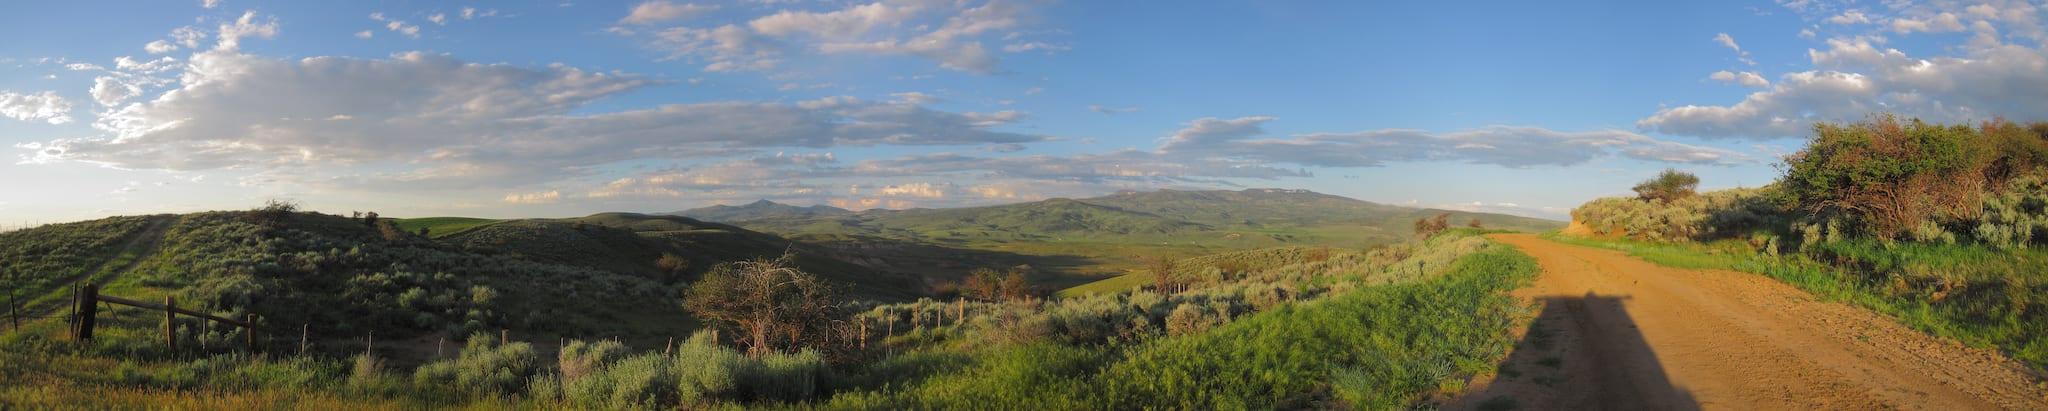 Craig CO Country Landscape